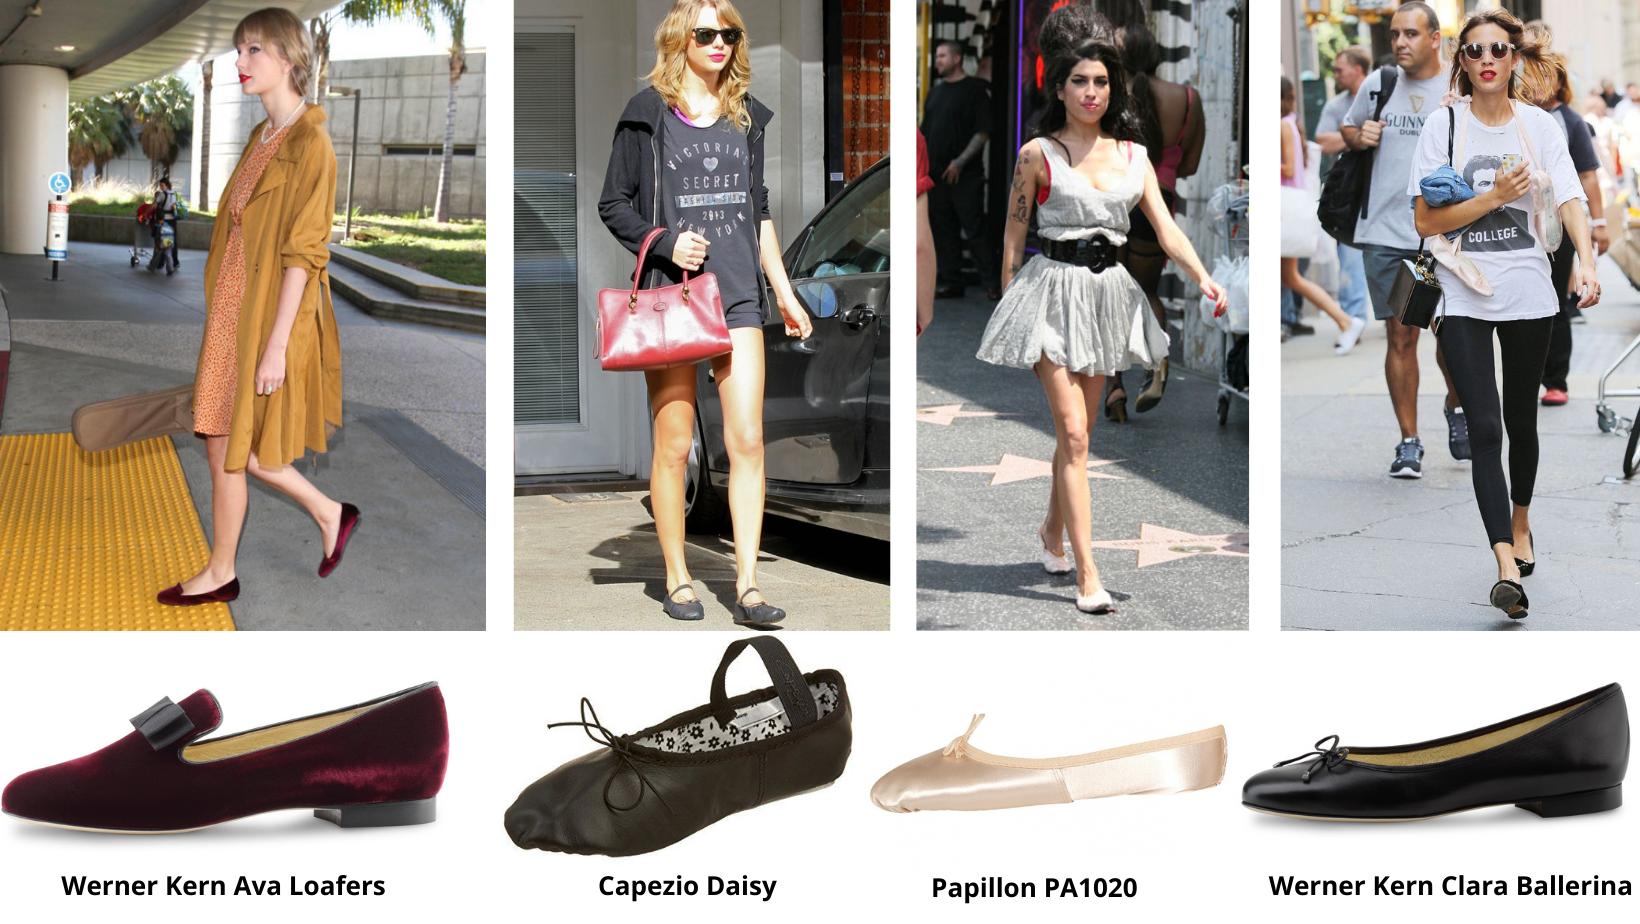 beroemdheden met ballerina's en balletschoenen, modewereld en danswereld